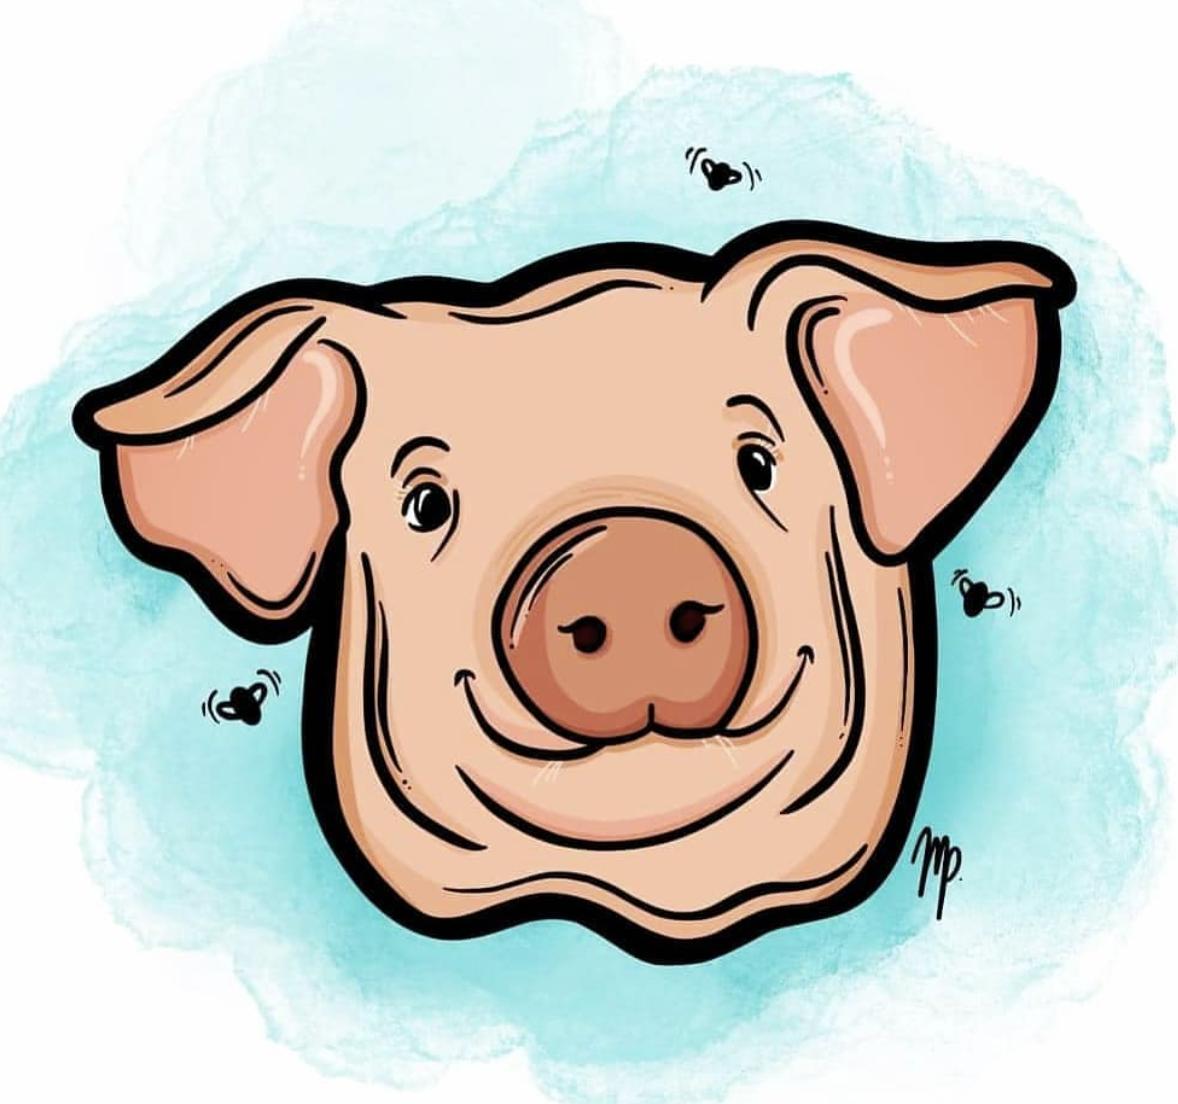 Happy Pig Illustration Pig Illustration Face Illustration Happy Pig